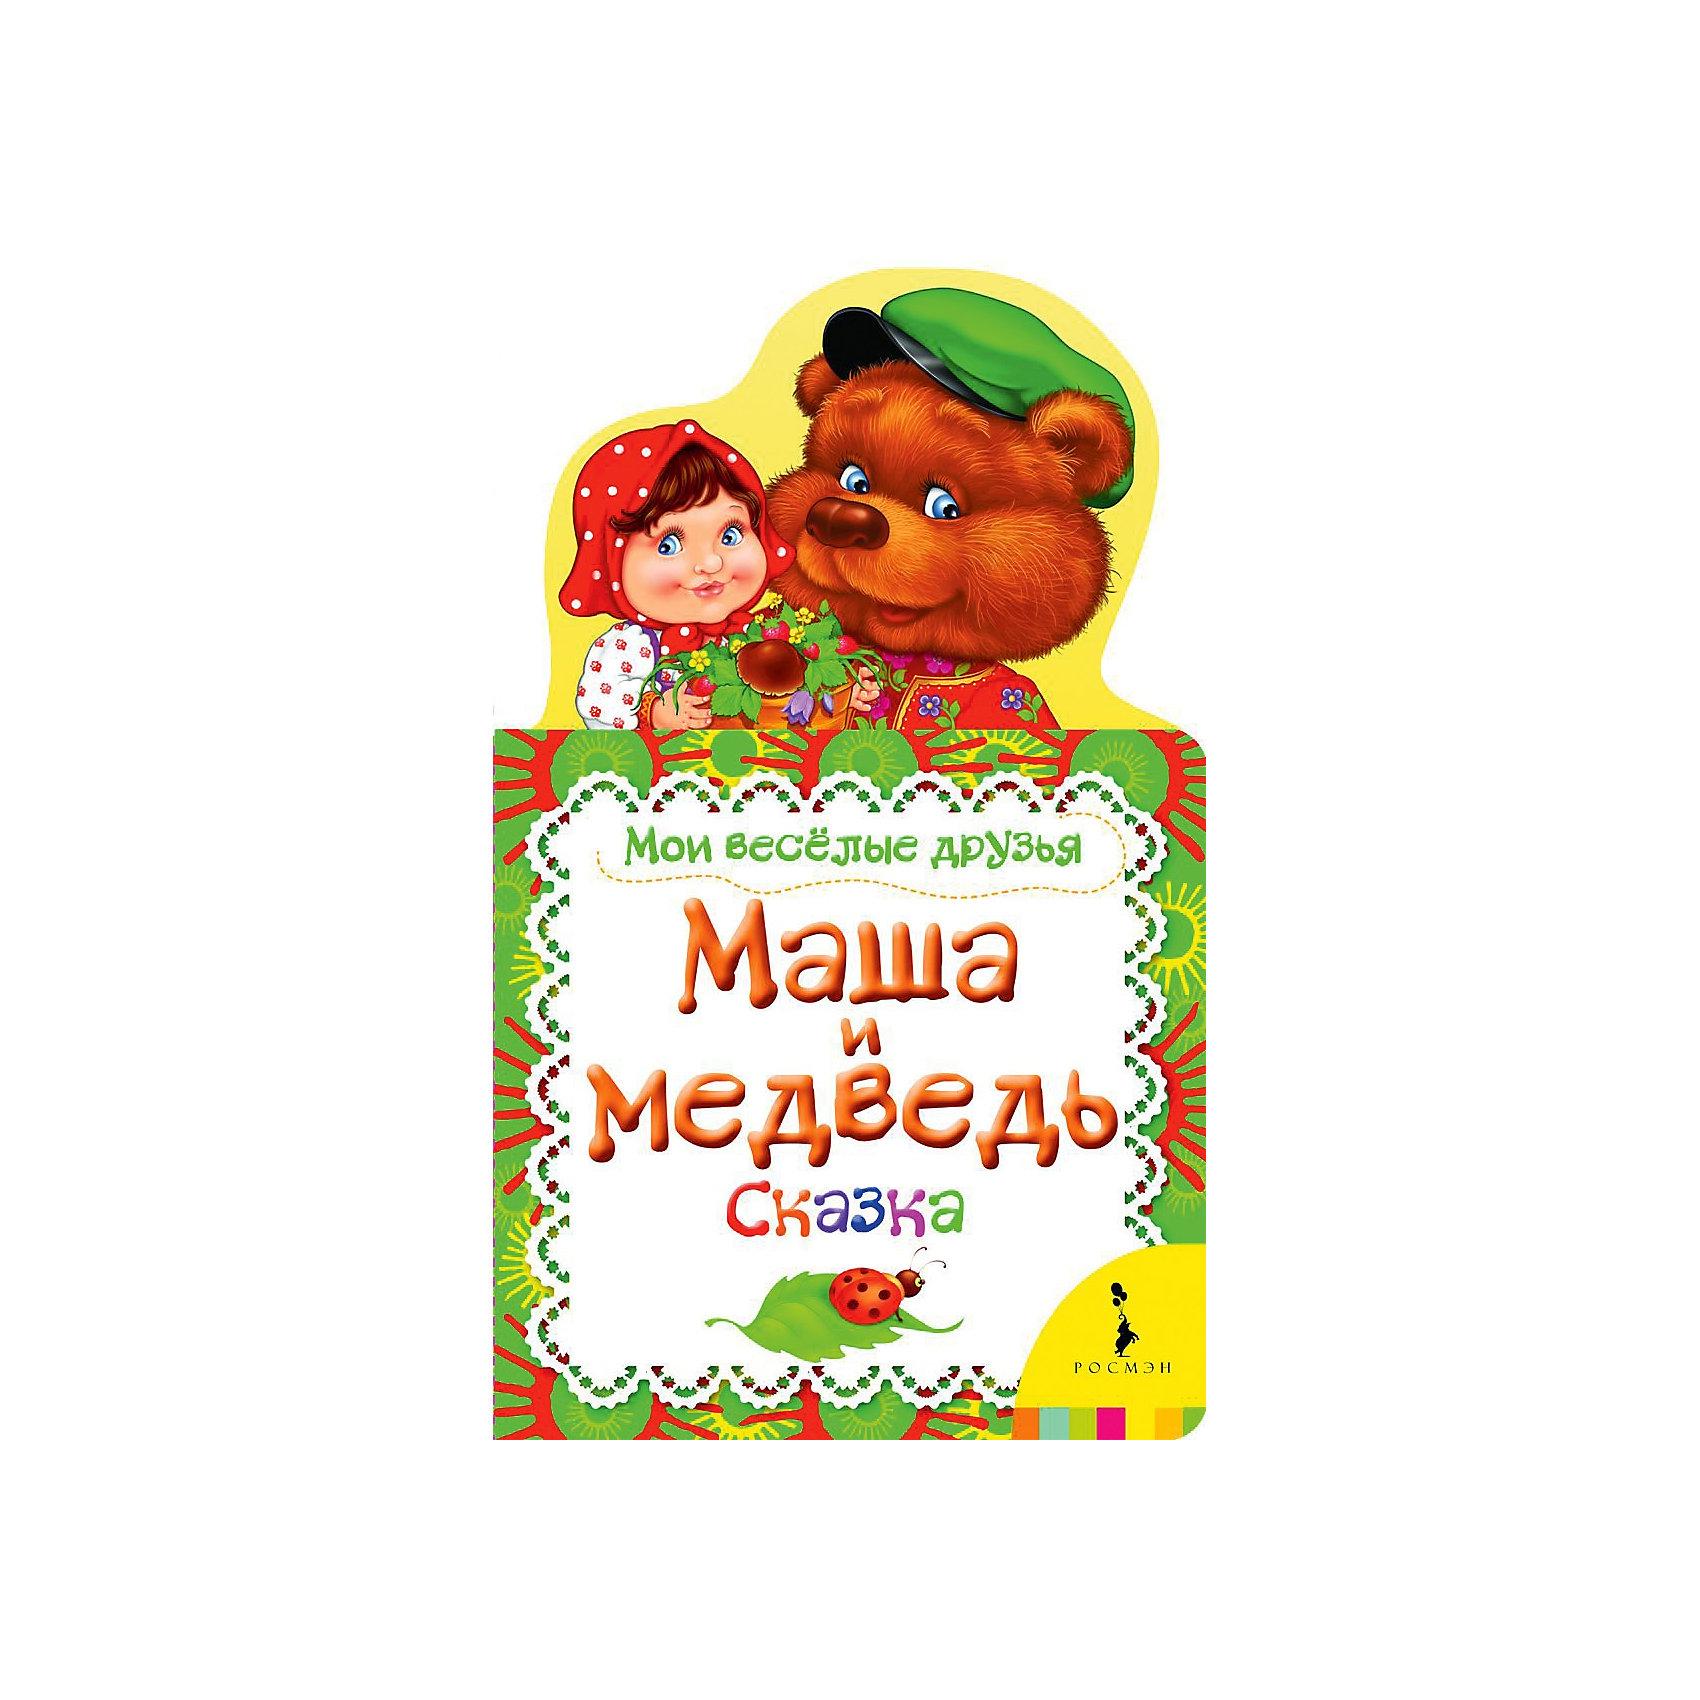 Сказка Маша и медведь, Мои веселые друзьяРусская народная сказка Маша и медведь является одной из самых любимых детских сказок!<br><br>Вашего малыша порадует не только сюжет, но и сама книжка. Оригинальный фигурный формат книжки, красочные иллюстрации и добрые изображения героев привлекут ребенка к чтению и знакомству с удивительным миром фольклора.<br><br>Компактный размер книжек серии Мои веселые друзья очень нравится детям: их удобно рассматривать и брать с собой!<br><br><br>Дополнительная информация: <br><br>- Серия: Мои веселые друзья<br>- Формат: 210х126х10 мм<br>- Вес: 90 г<br>- Переплет: твердый<br>- Объем: 12 стр.<br>- Год издания: 2013<br>- ISBN: 978-5-353-06205-9<br><br>Легко приобрести в нашем интернет-магазине.<br><br>Ширина мм: 210<br>Глубина мм: 126<br>Высота мм: 10<br>Вес г: 90<br>Возраст от месяцев: 24<br>Возраст до месяцев: 60<br>Пол: Унисекс<br>Возраст: Детский<br>SKU: 3335614